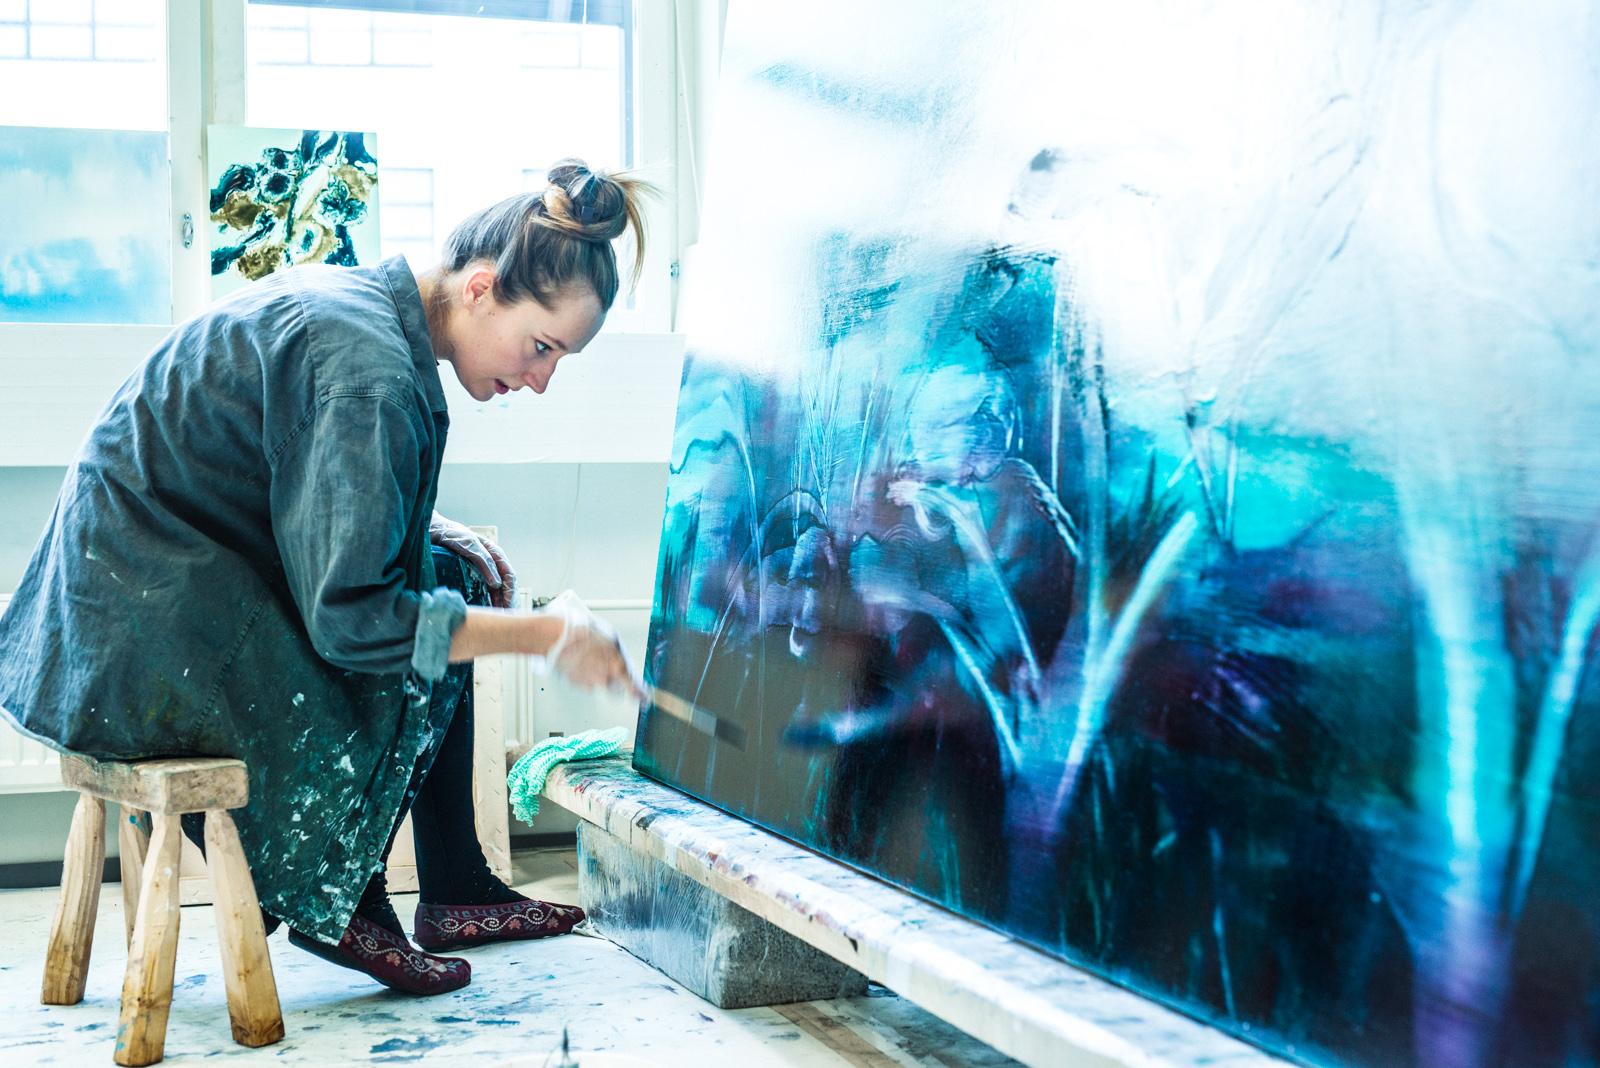 Opiskelija maalaa työhuoneella suurta sinistä maalausta